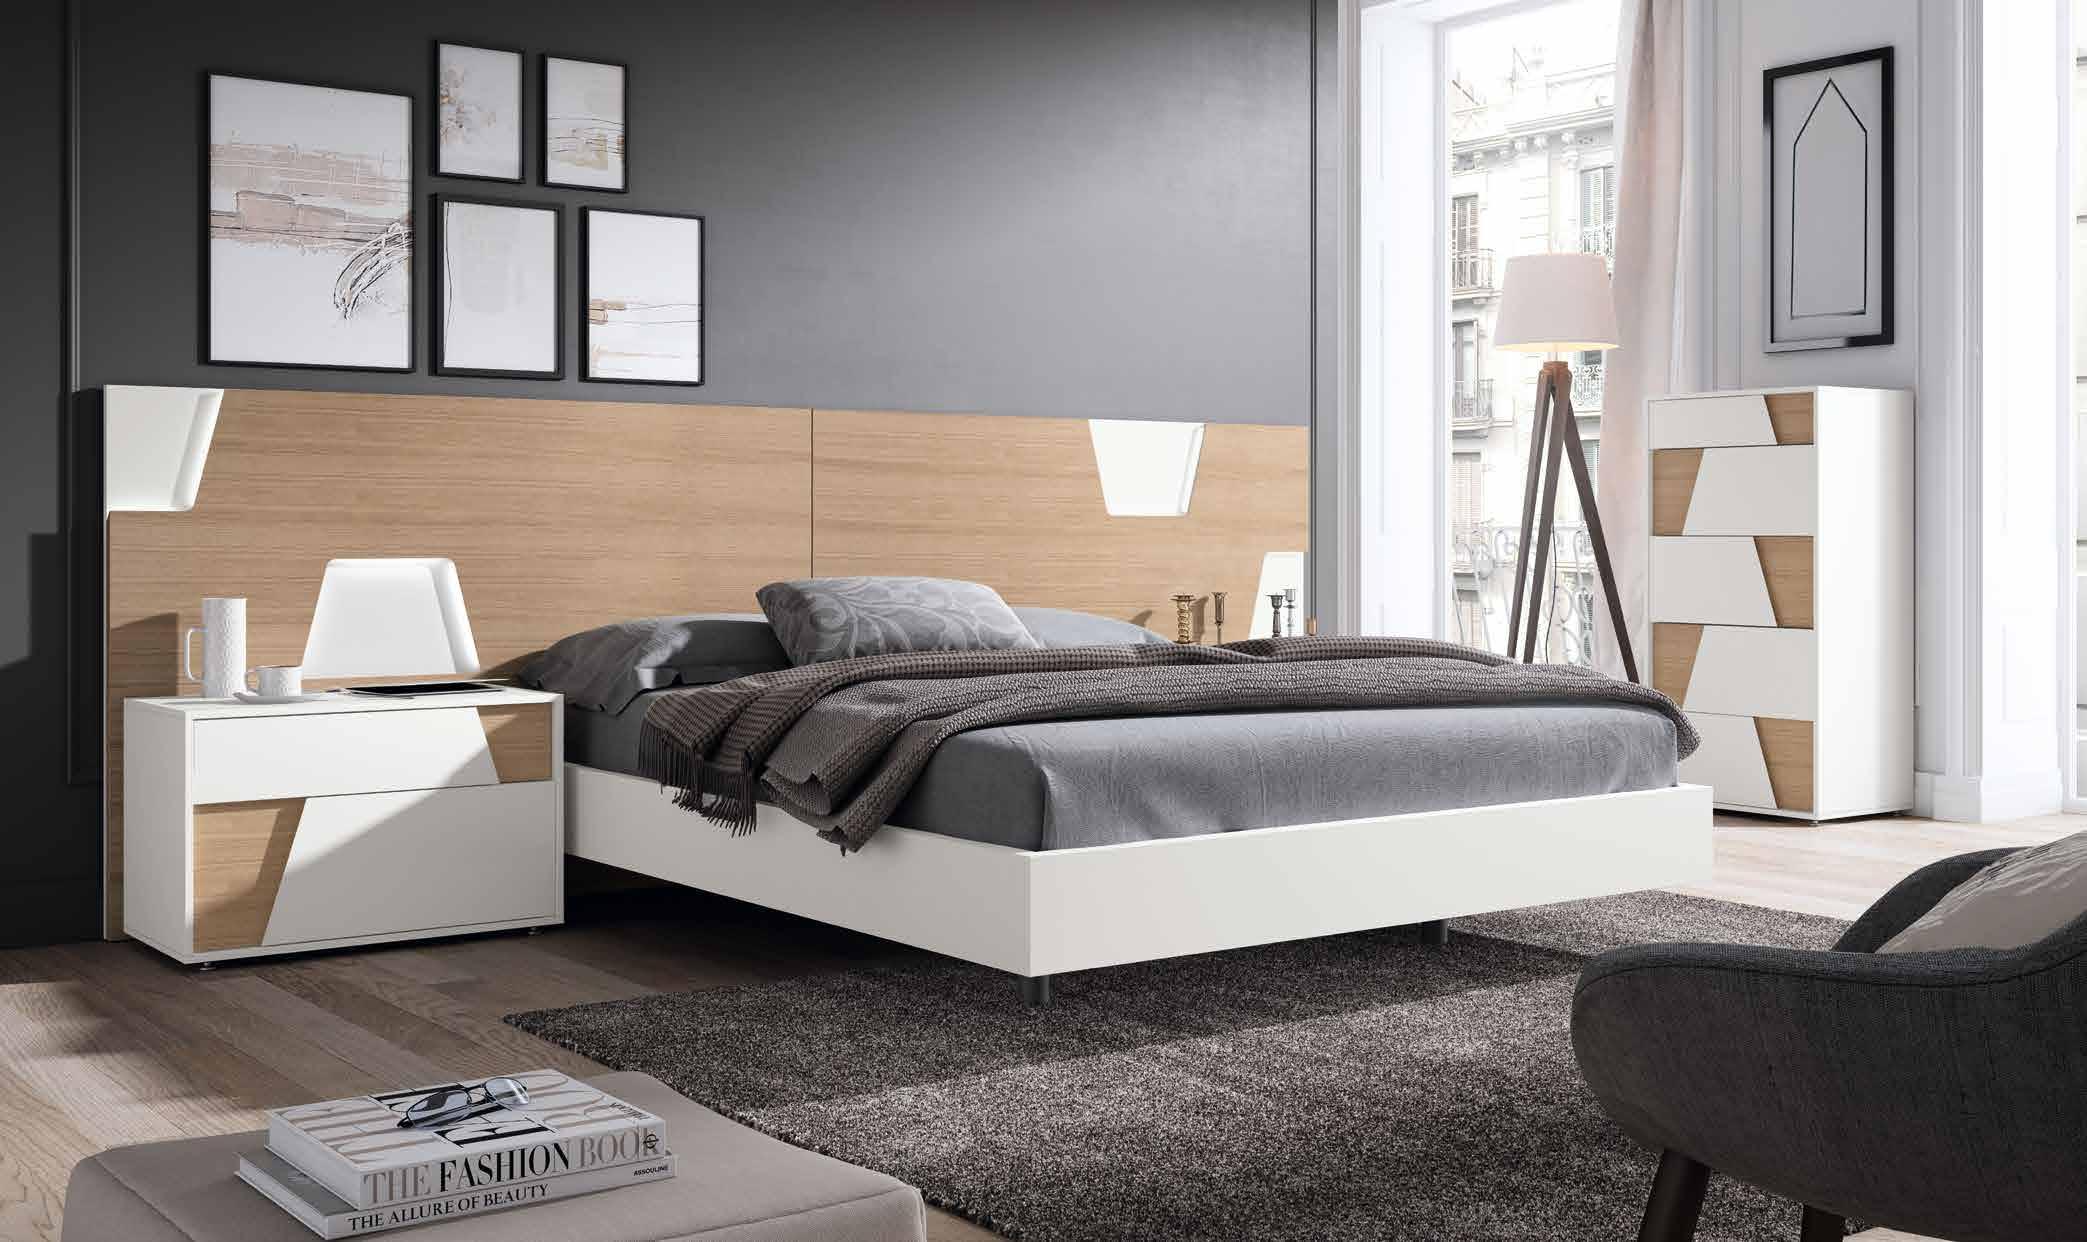 moderno-1-Grafica-muebles-paco-caballero-720-5c93e03c9984f